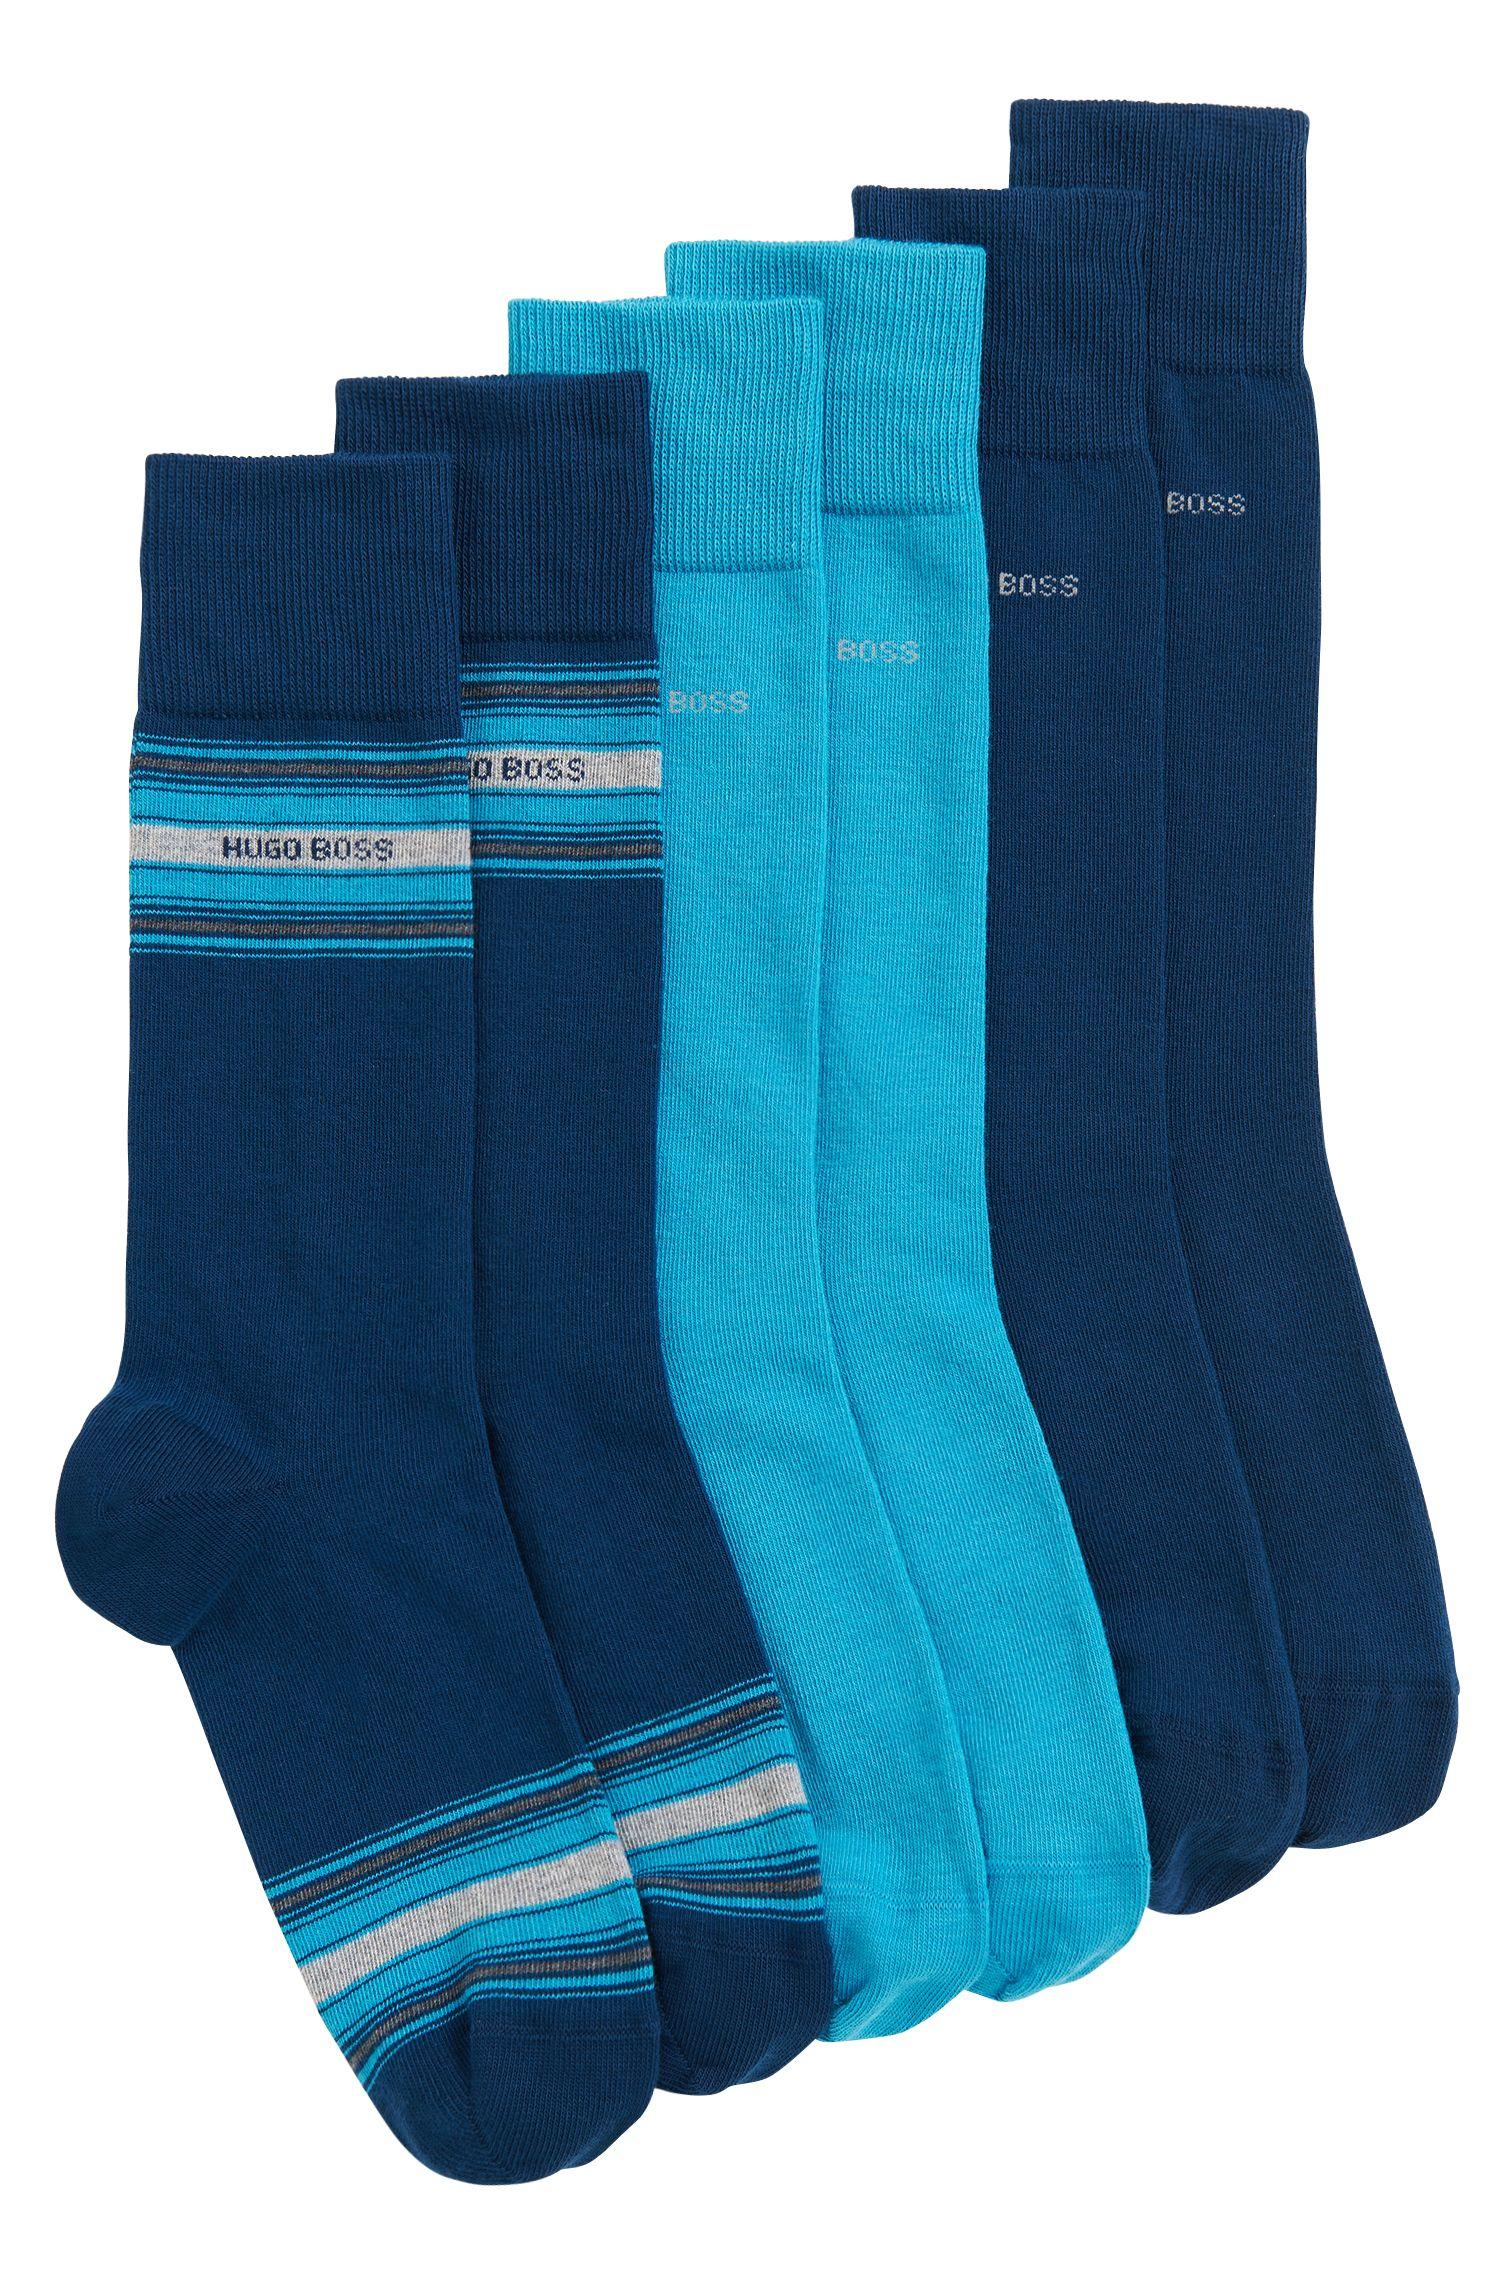 Lot de trois paires de chaussettes mi-mollet en coton mélangé